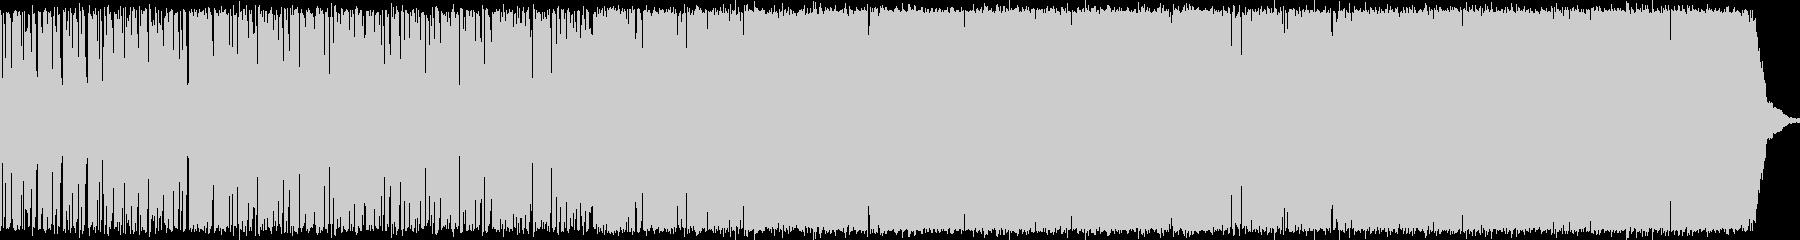 ヘヴィロック サスペンス 技術的な...の未再生の波形